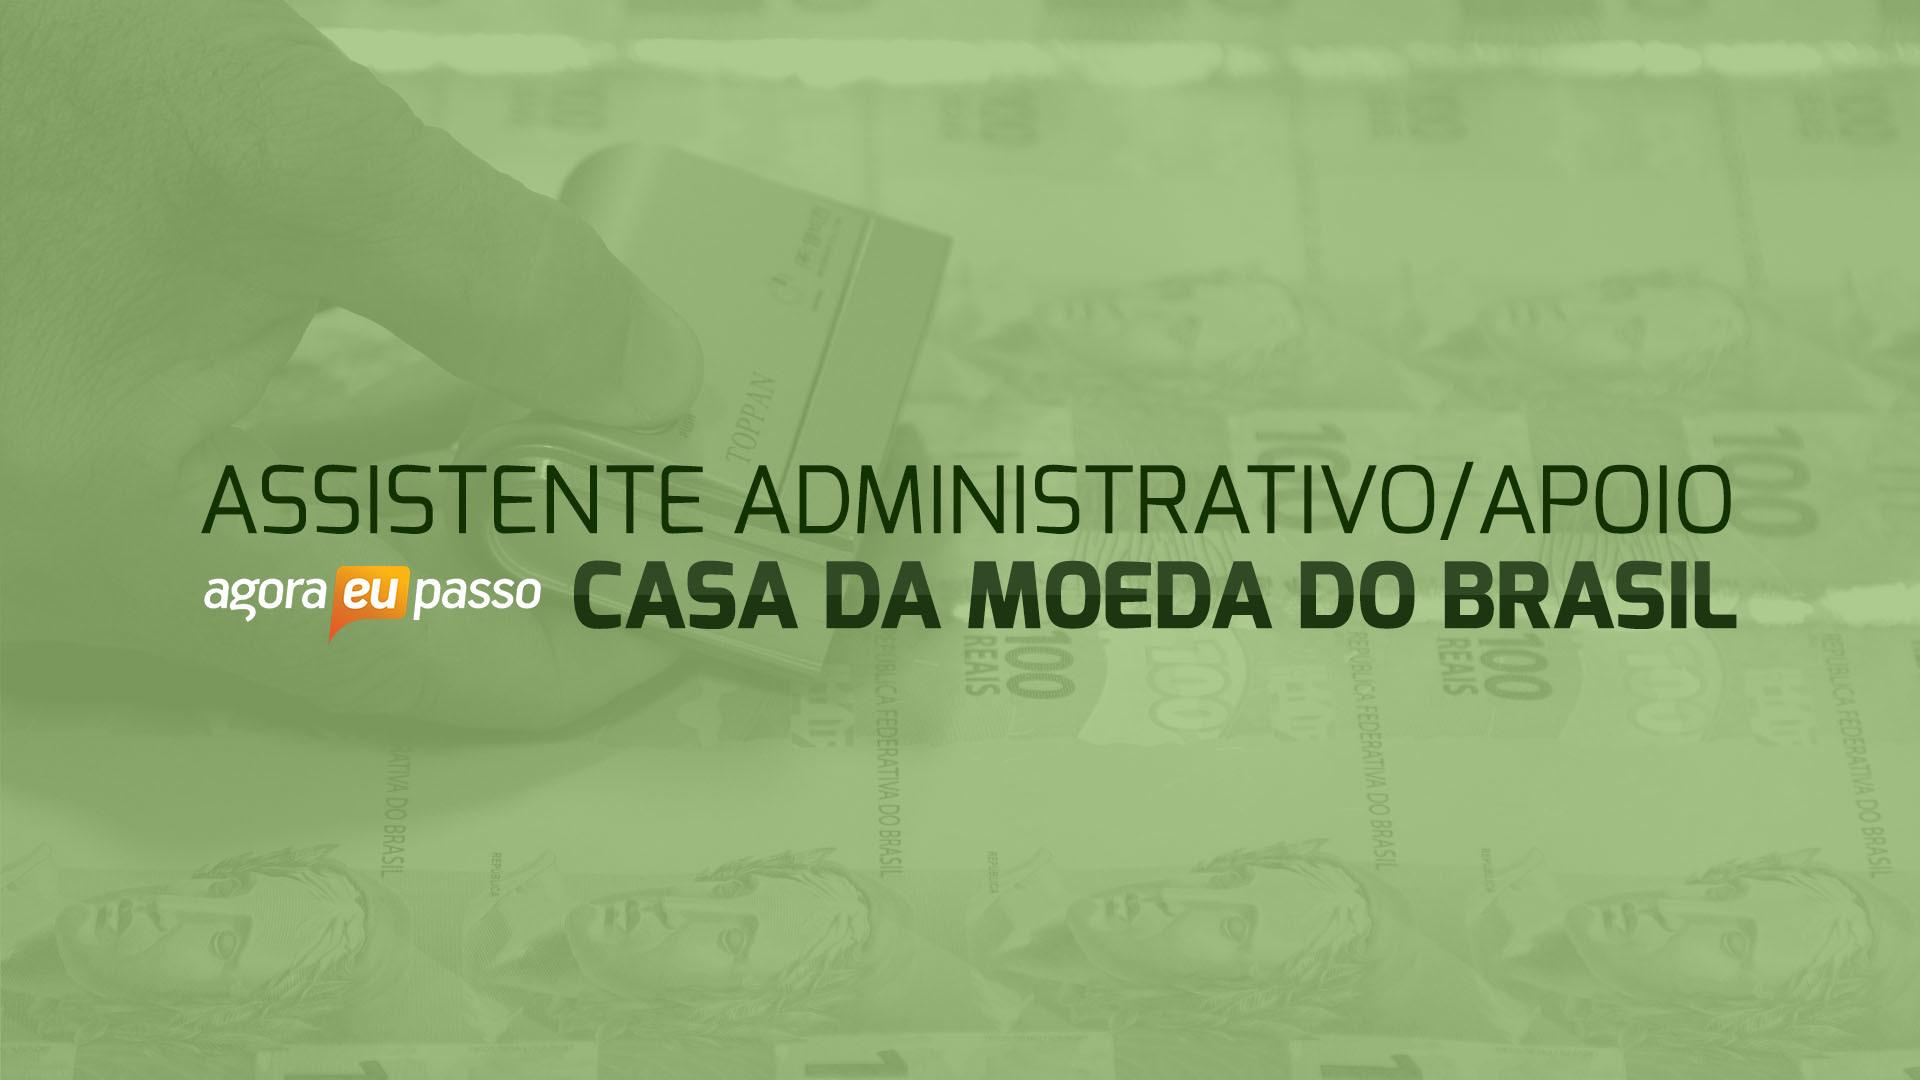 Assistente Administrativo/Apoio - Casa da Moeda do Brasil - CMB